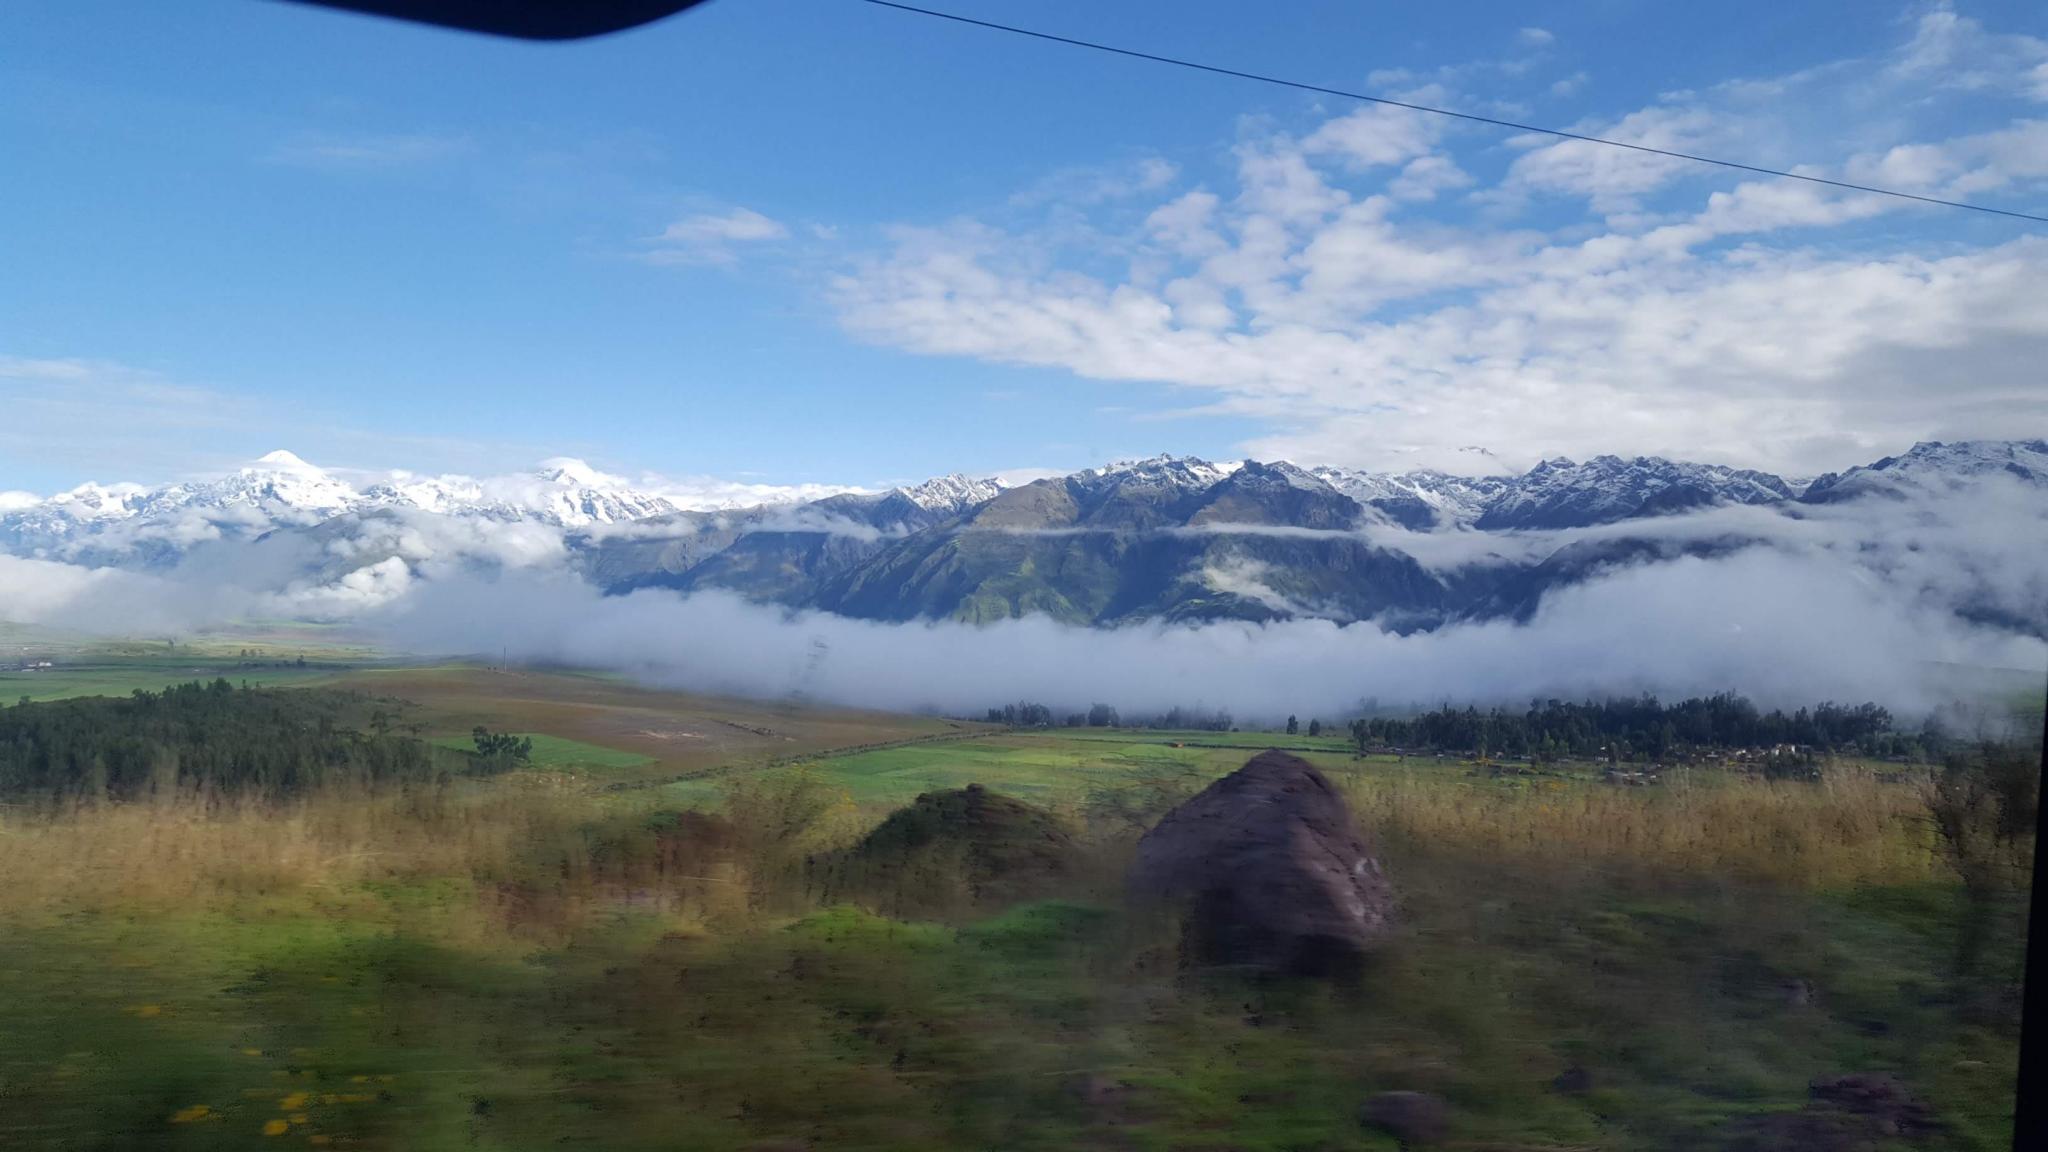 Peru: Lima, Cusco and Machu Picchu-mountains-best-jpg